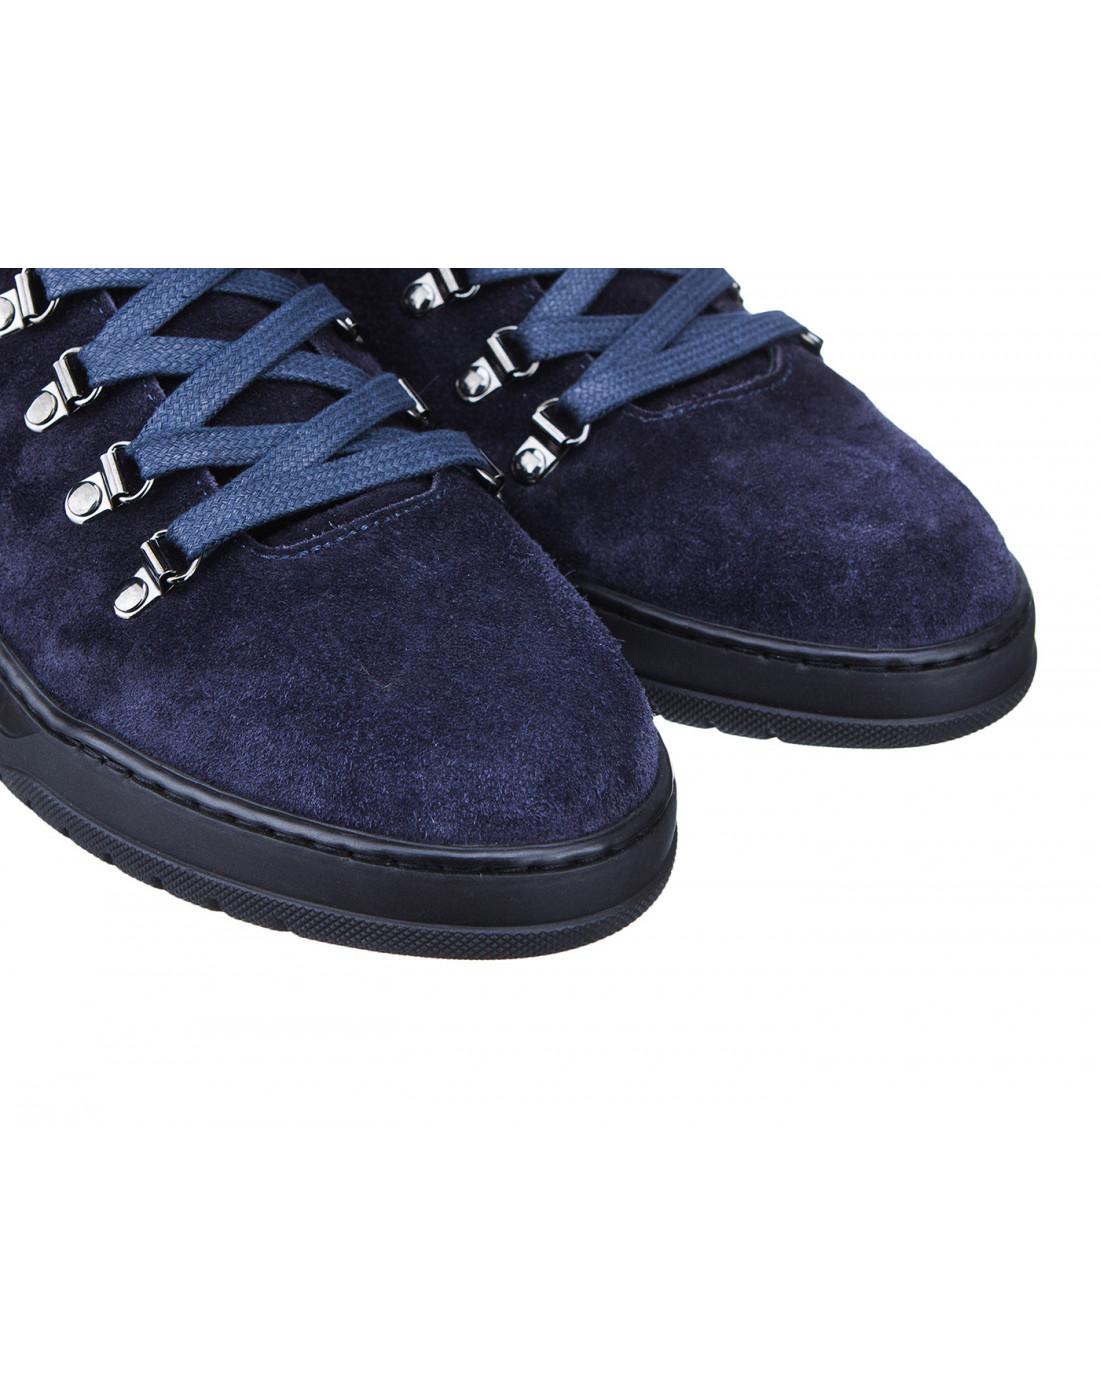 Кроссовки синие мужские Stokton S667 BLUE-4